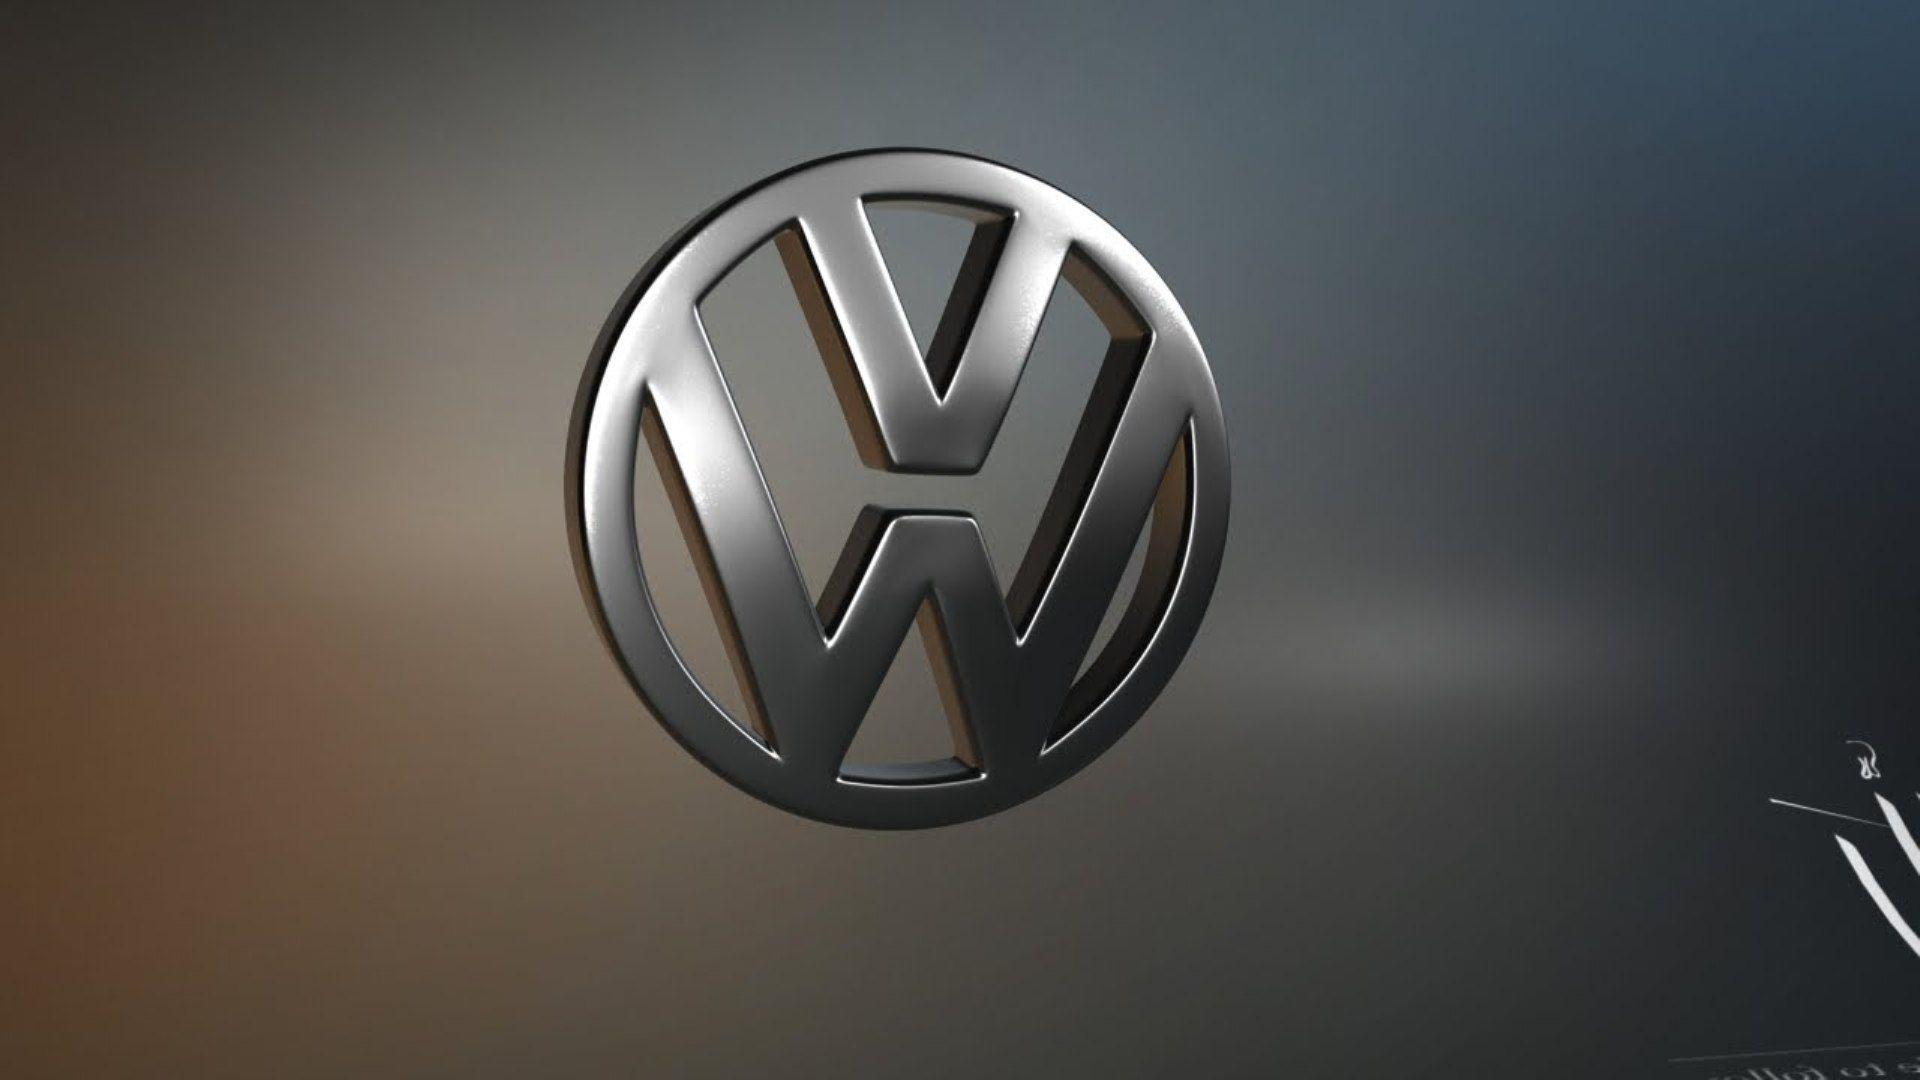 VW Desktop Wallpaper 19201200 Volkswagen Wallpaper 29 Wallpapers 1920x1080